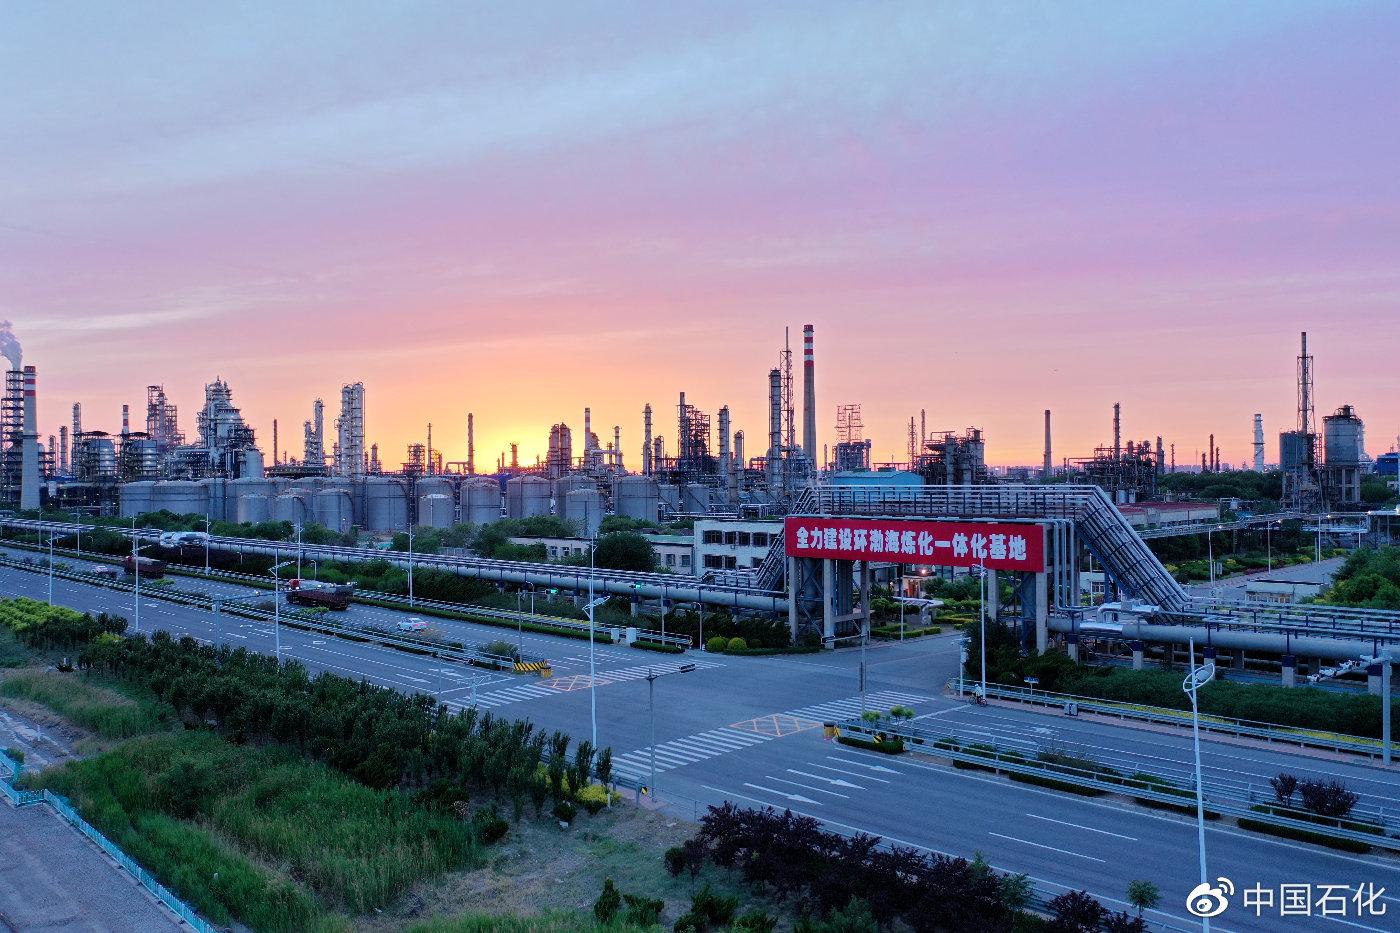 华北地区最大氢燃料电池供氢项目投产 氢气年产能达2250吨